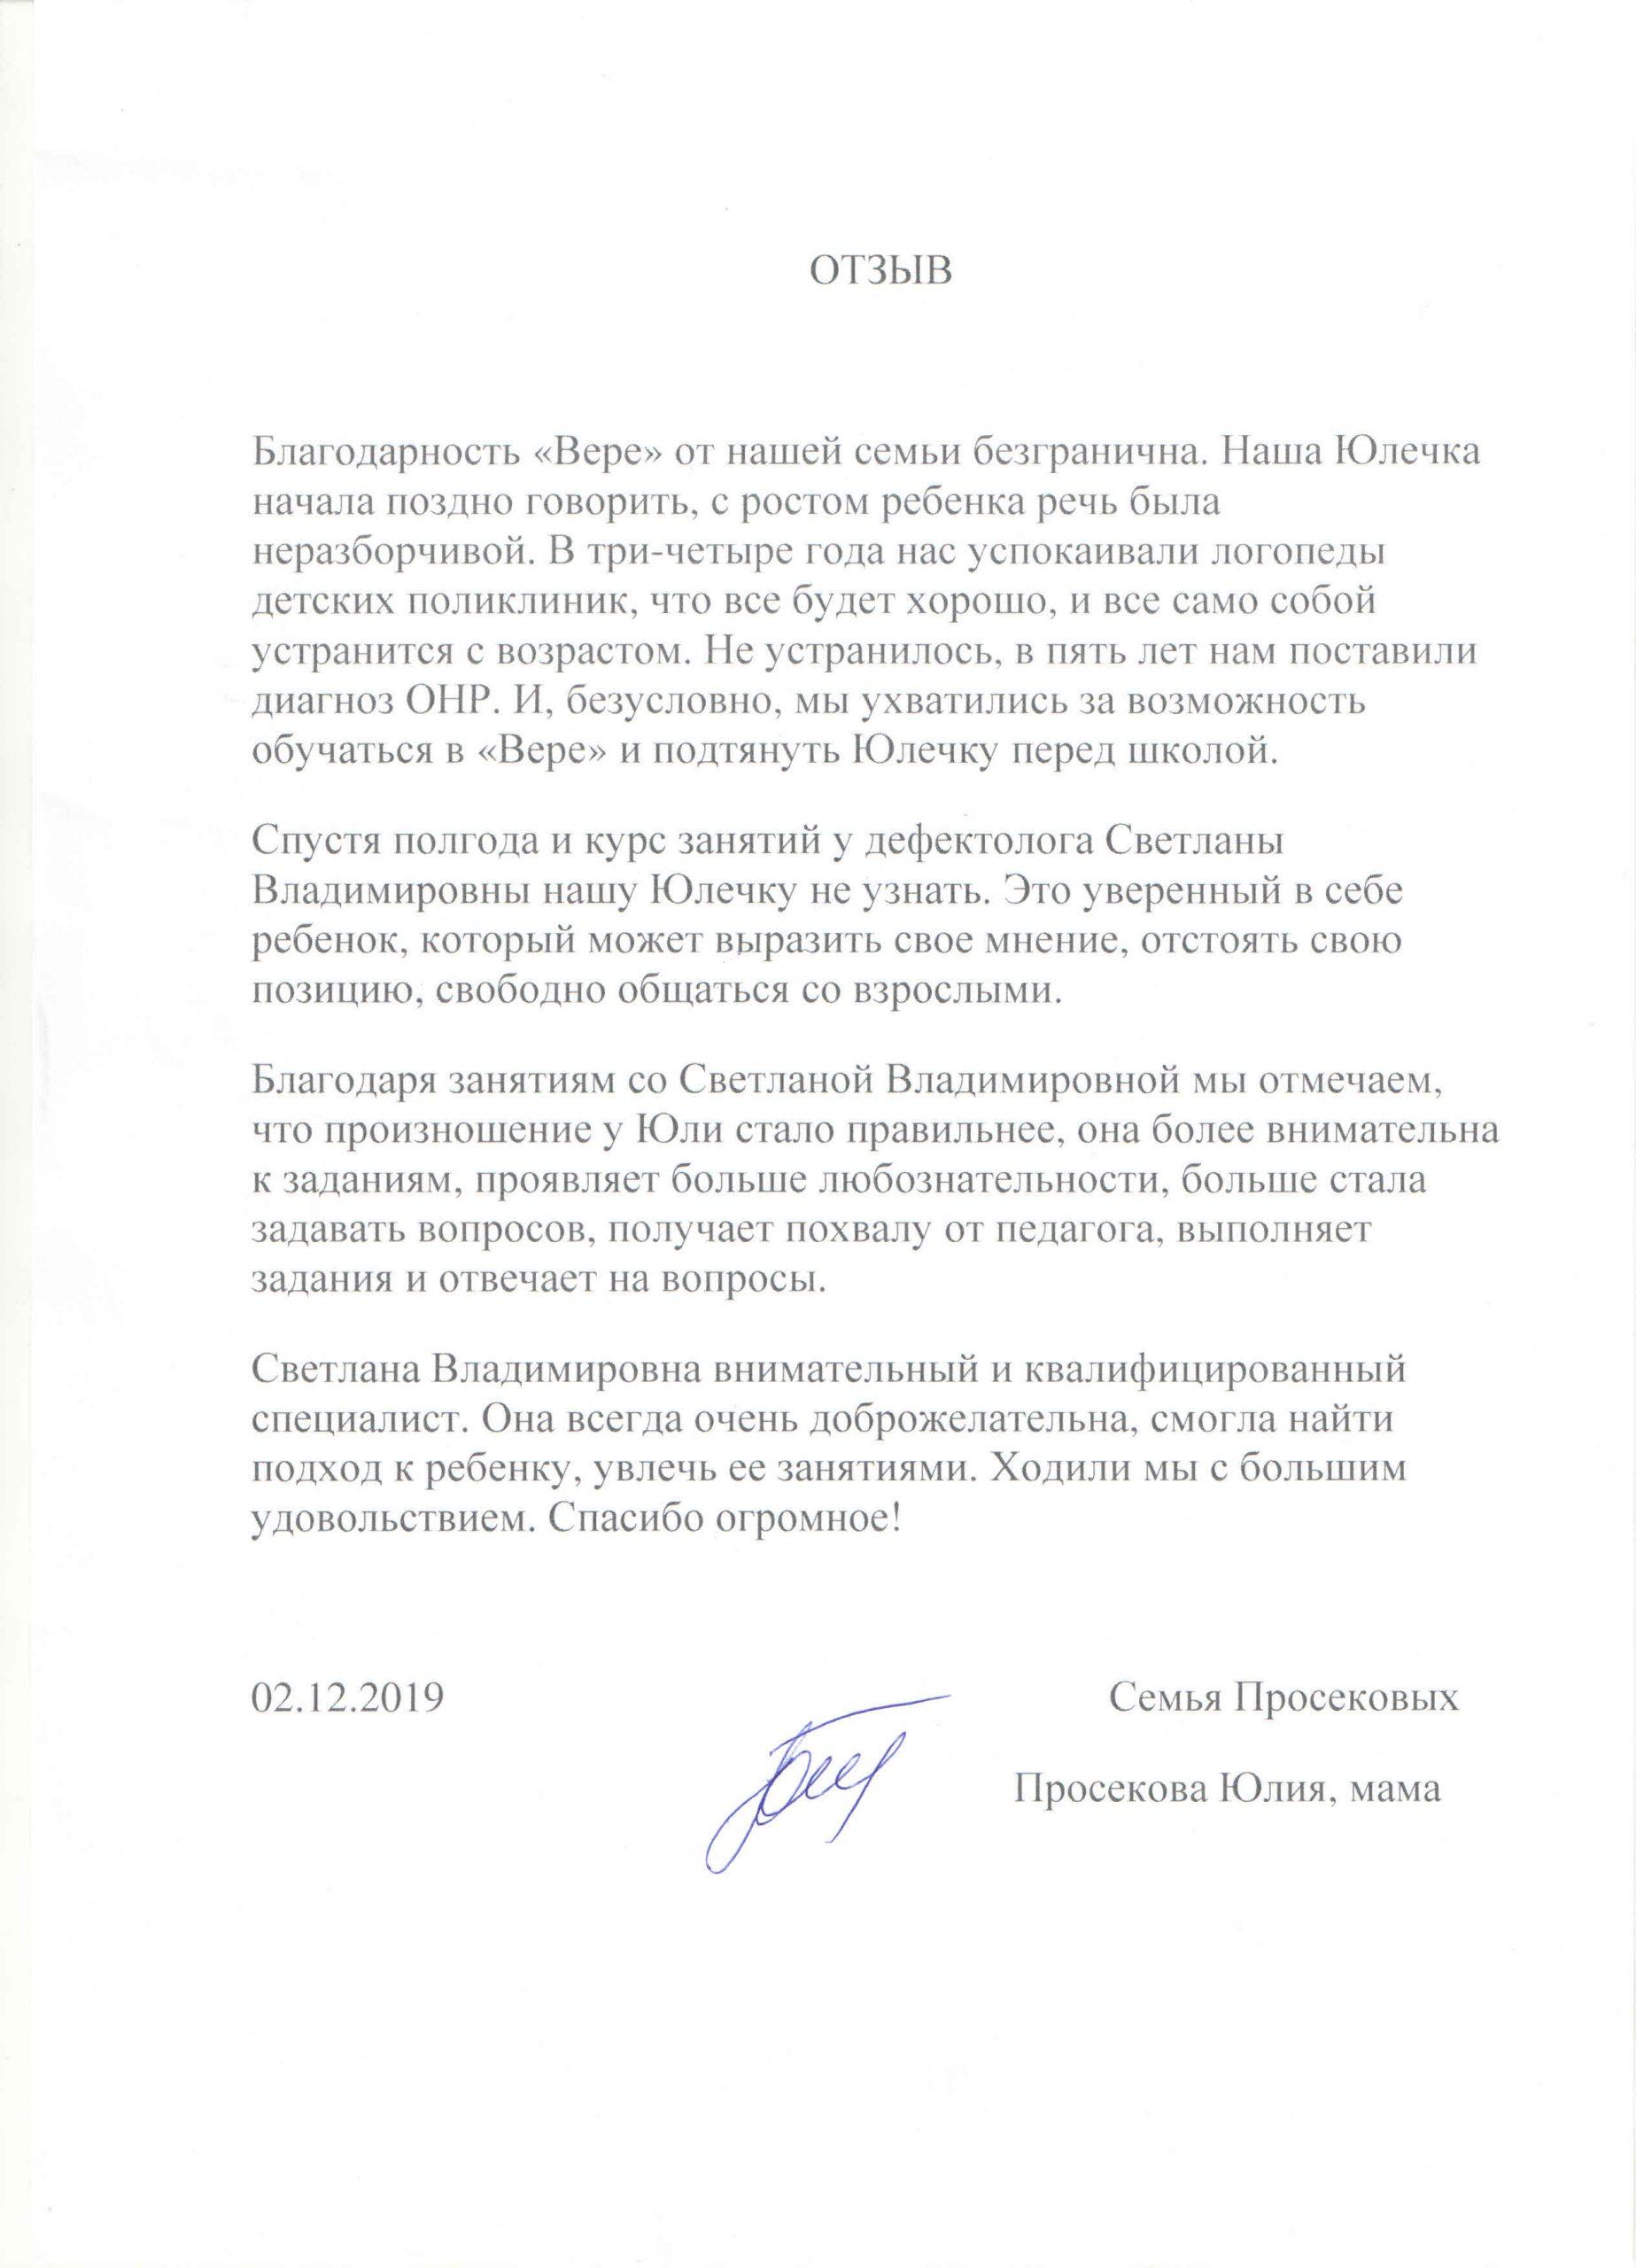 Фрольцова, 02.12.2019